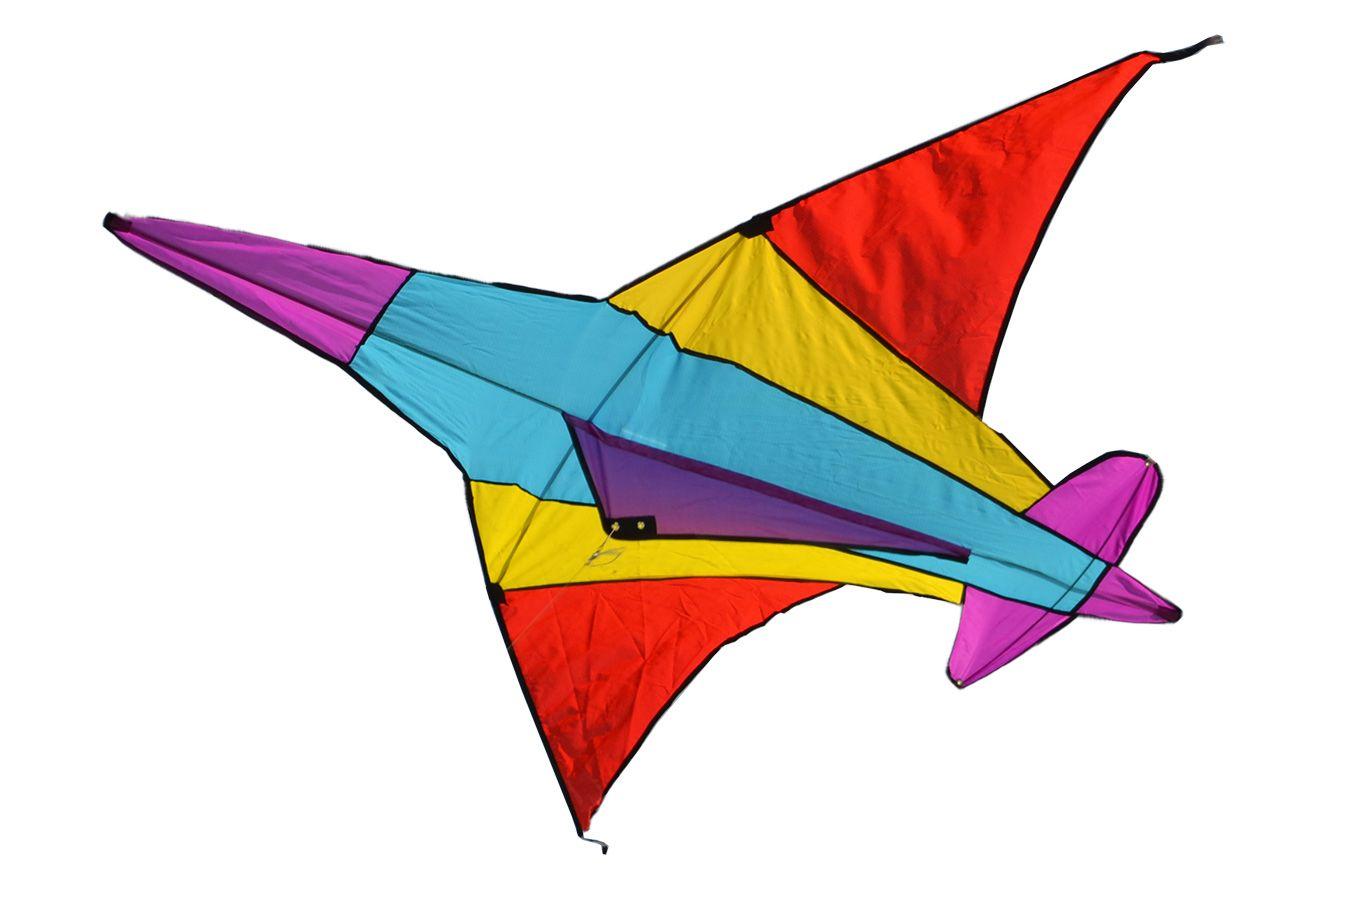 Змей воздушный Fighter истребитель [ZBFC]